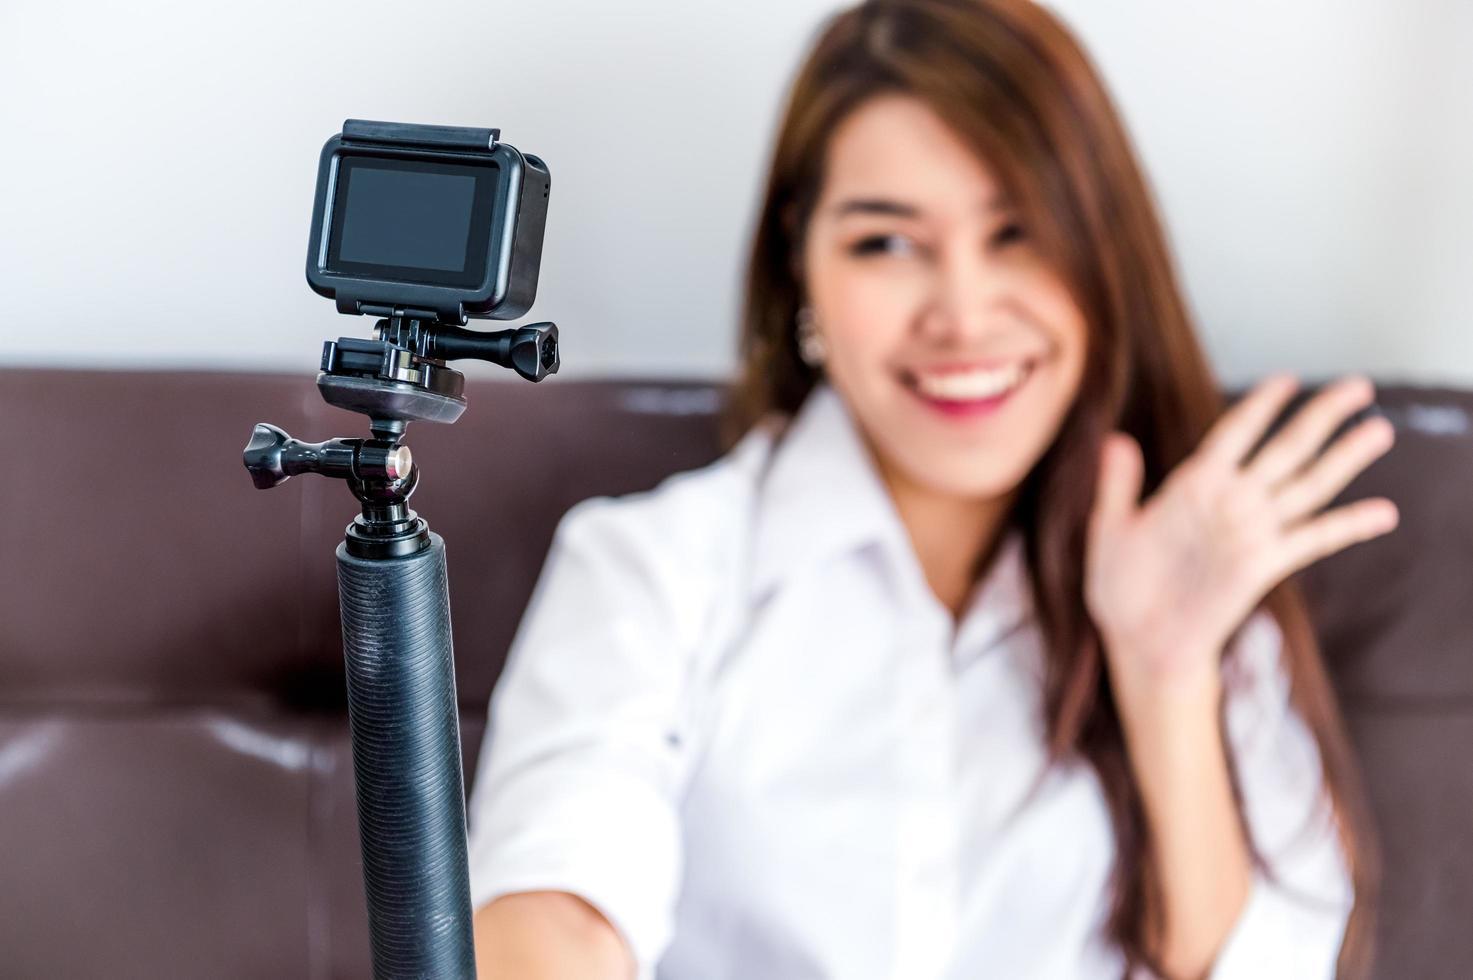 creatore di contenuti per la donna che registra video foto